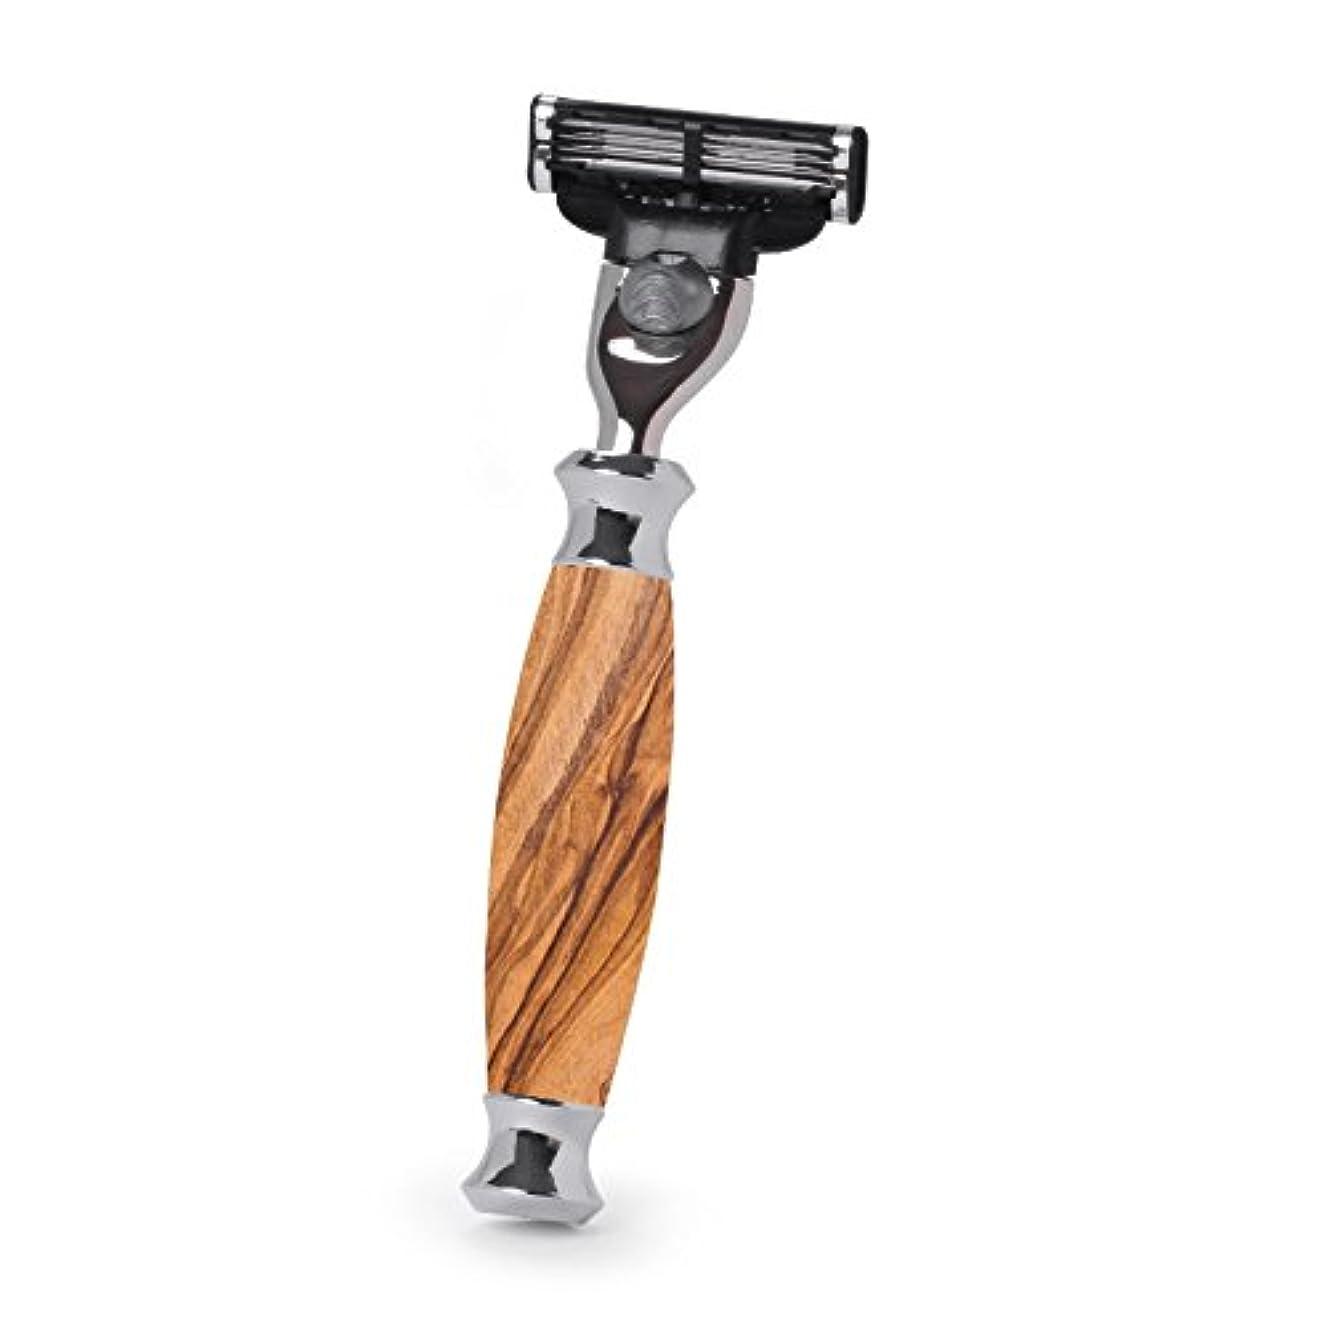 懇願する懇願する割り当てますHans Baier Exclusive - Razor Mach 3, olive wood